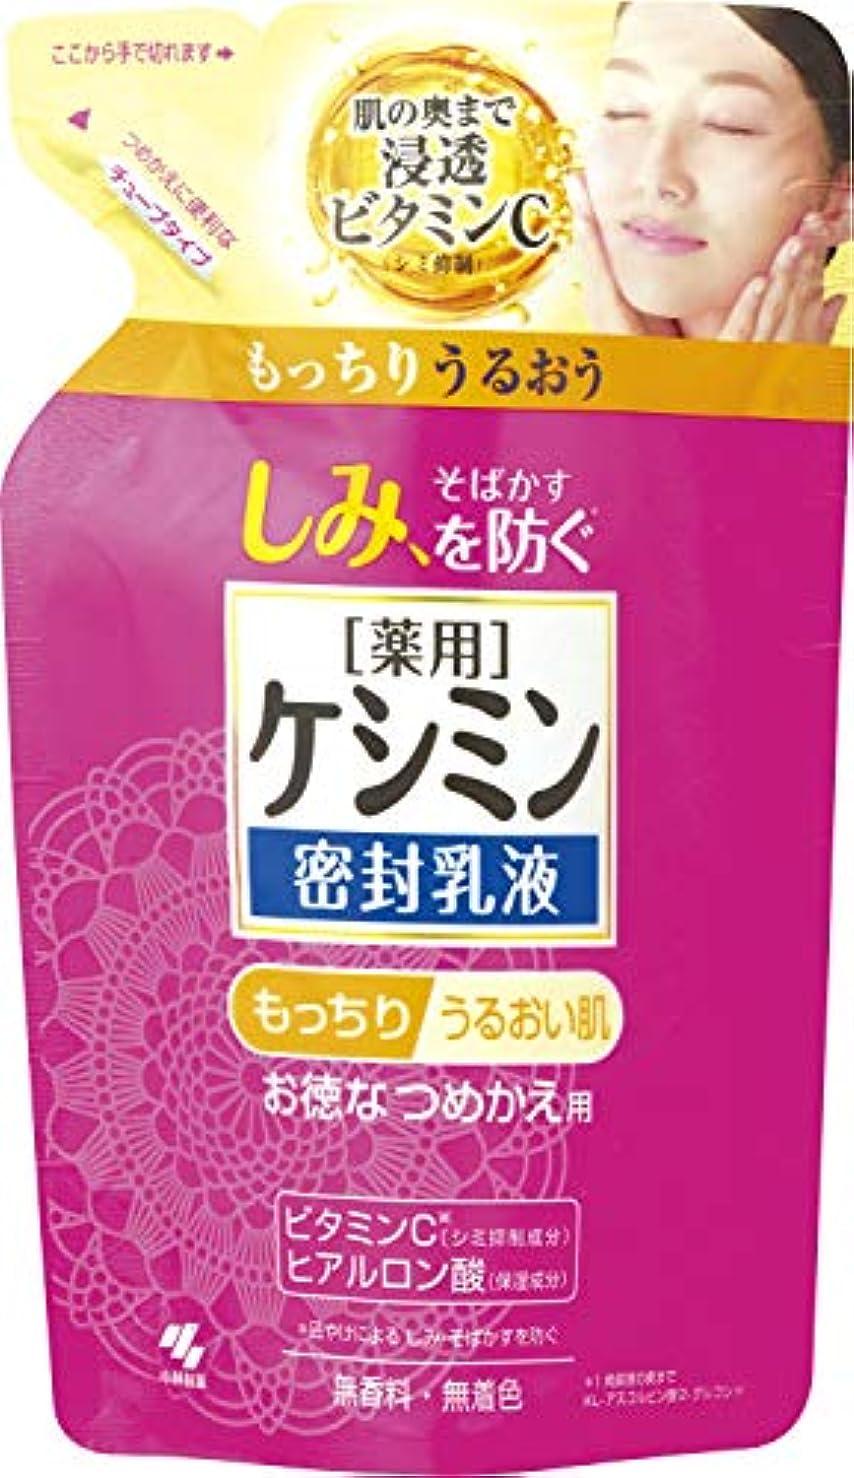 幻滅める気づくケシミン密封乳液 詰め替え用 シミを防ぐ 115ml 【医薬部外品】